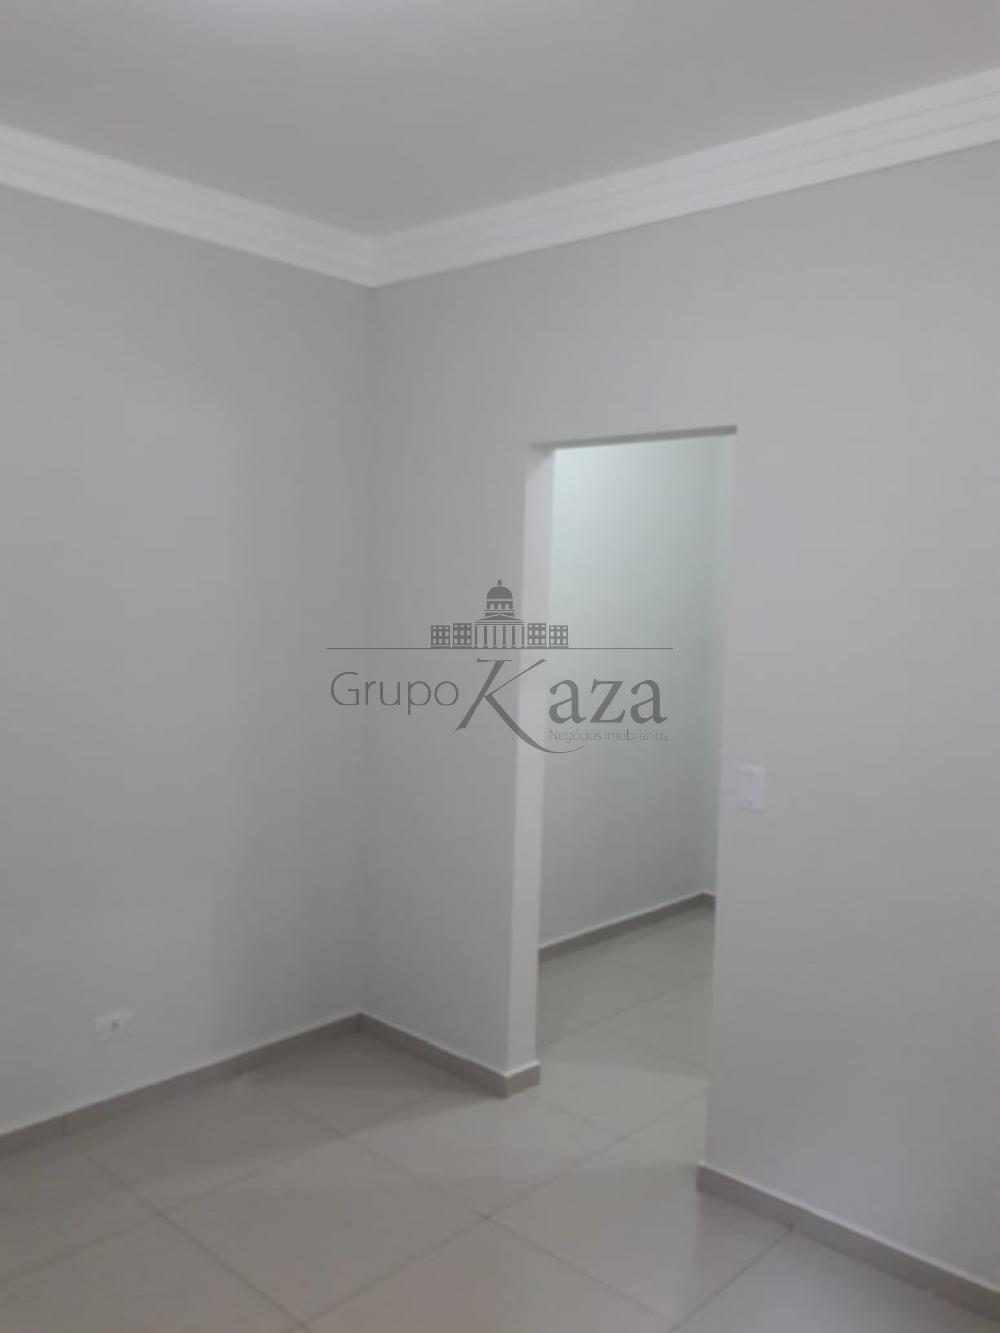 Comprar Casa / Padrão em São José dos Campos apenas R$ 270.000,00 - Foto 19